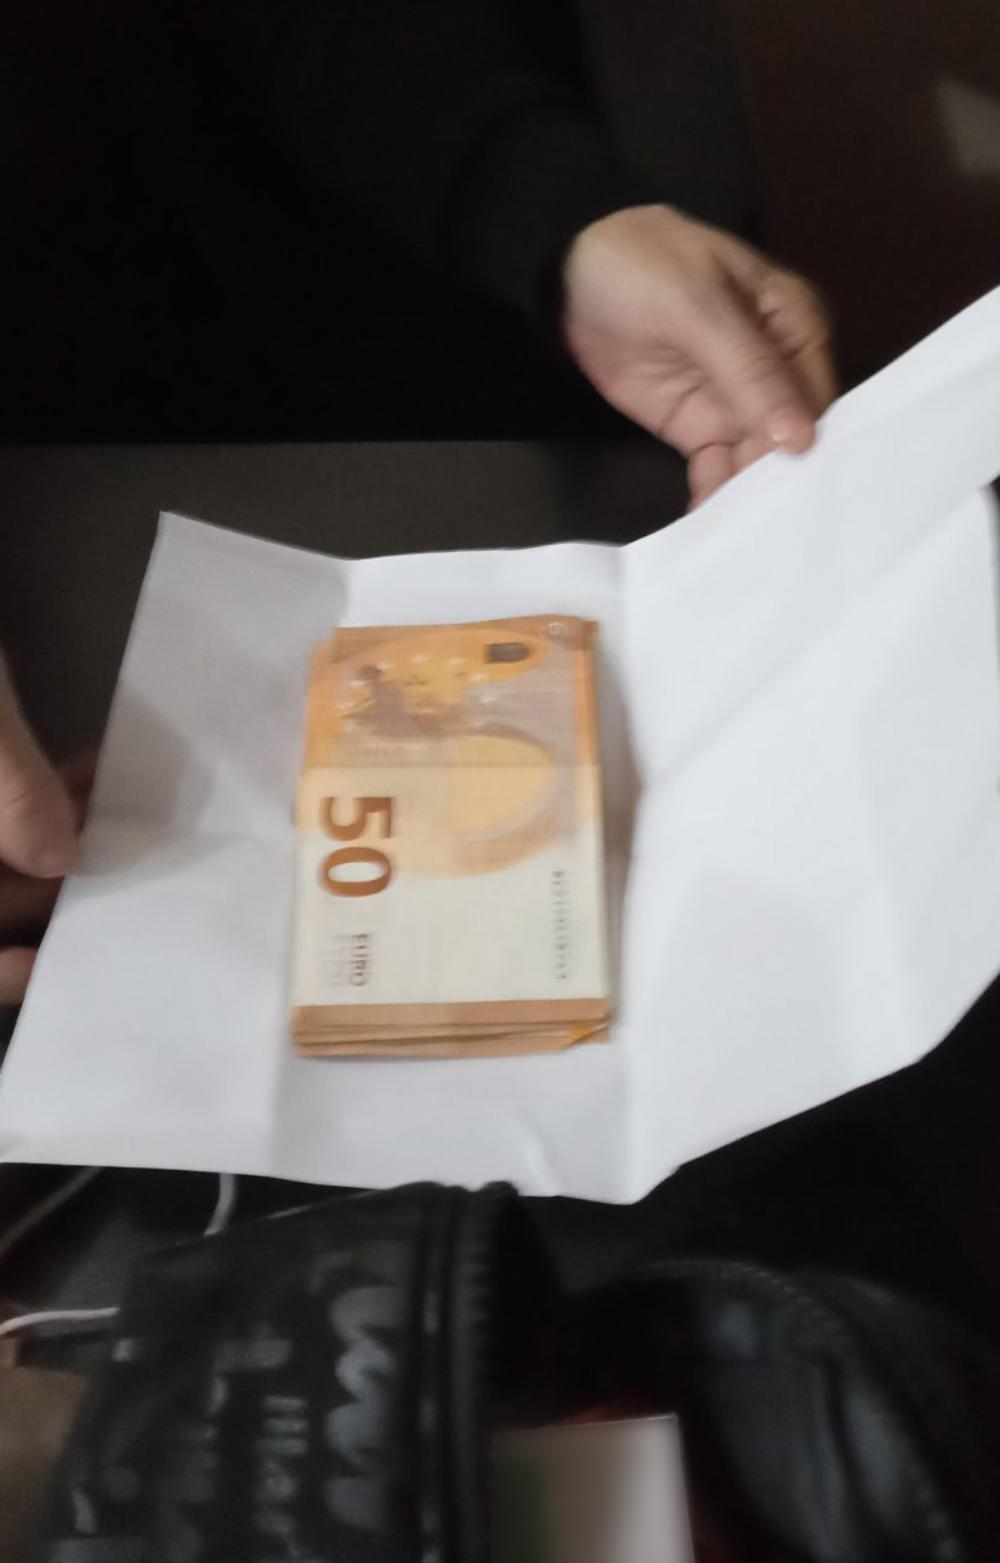 zaplena, novac, mito